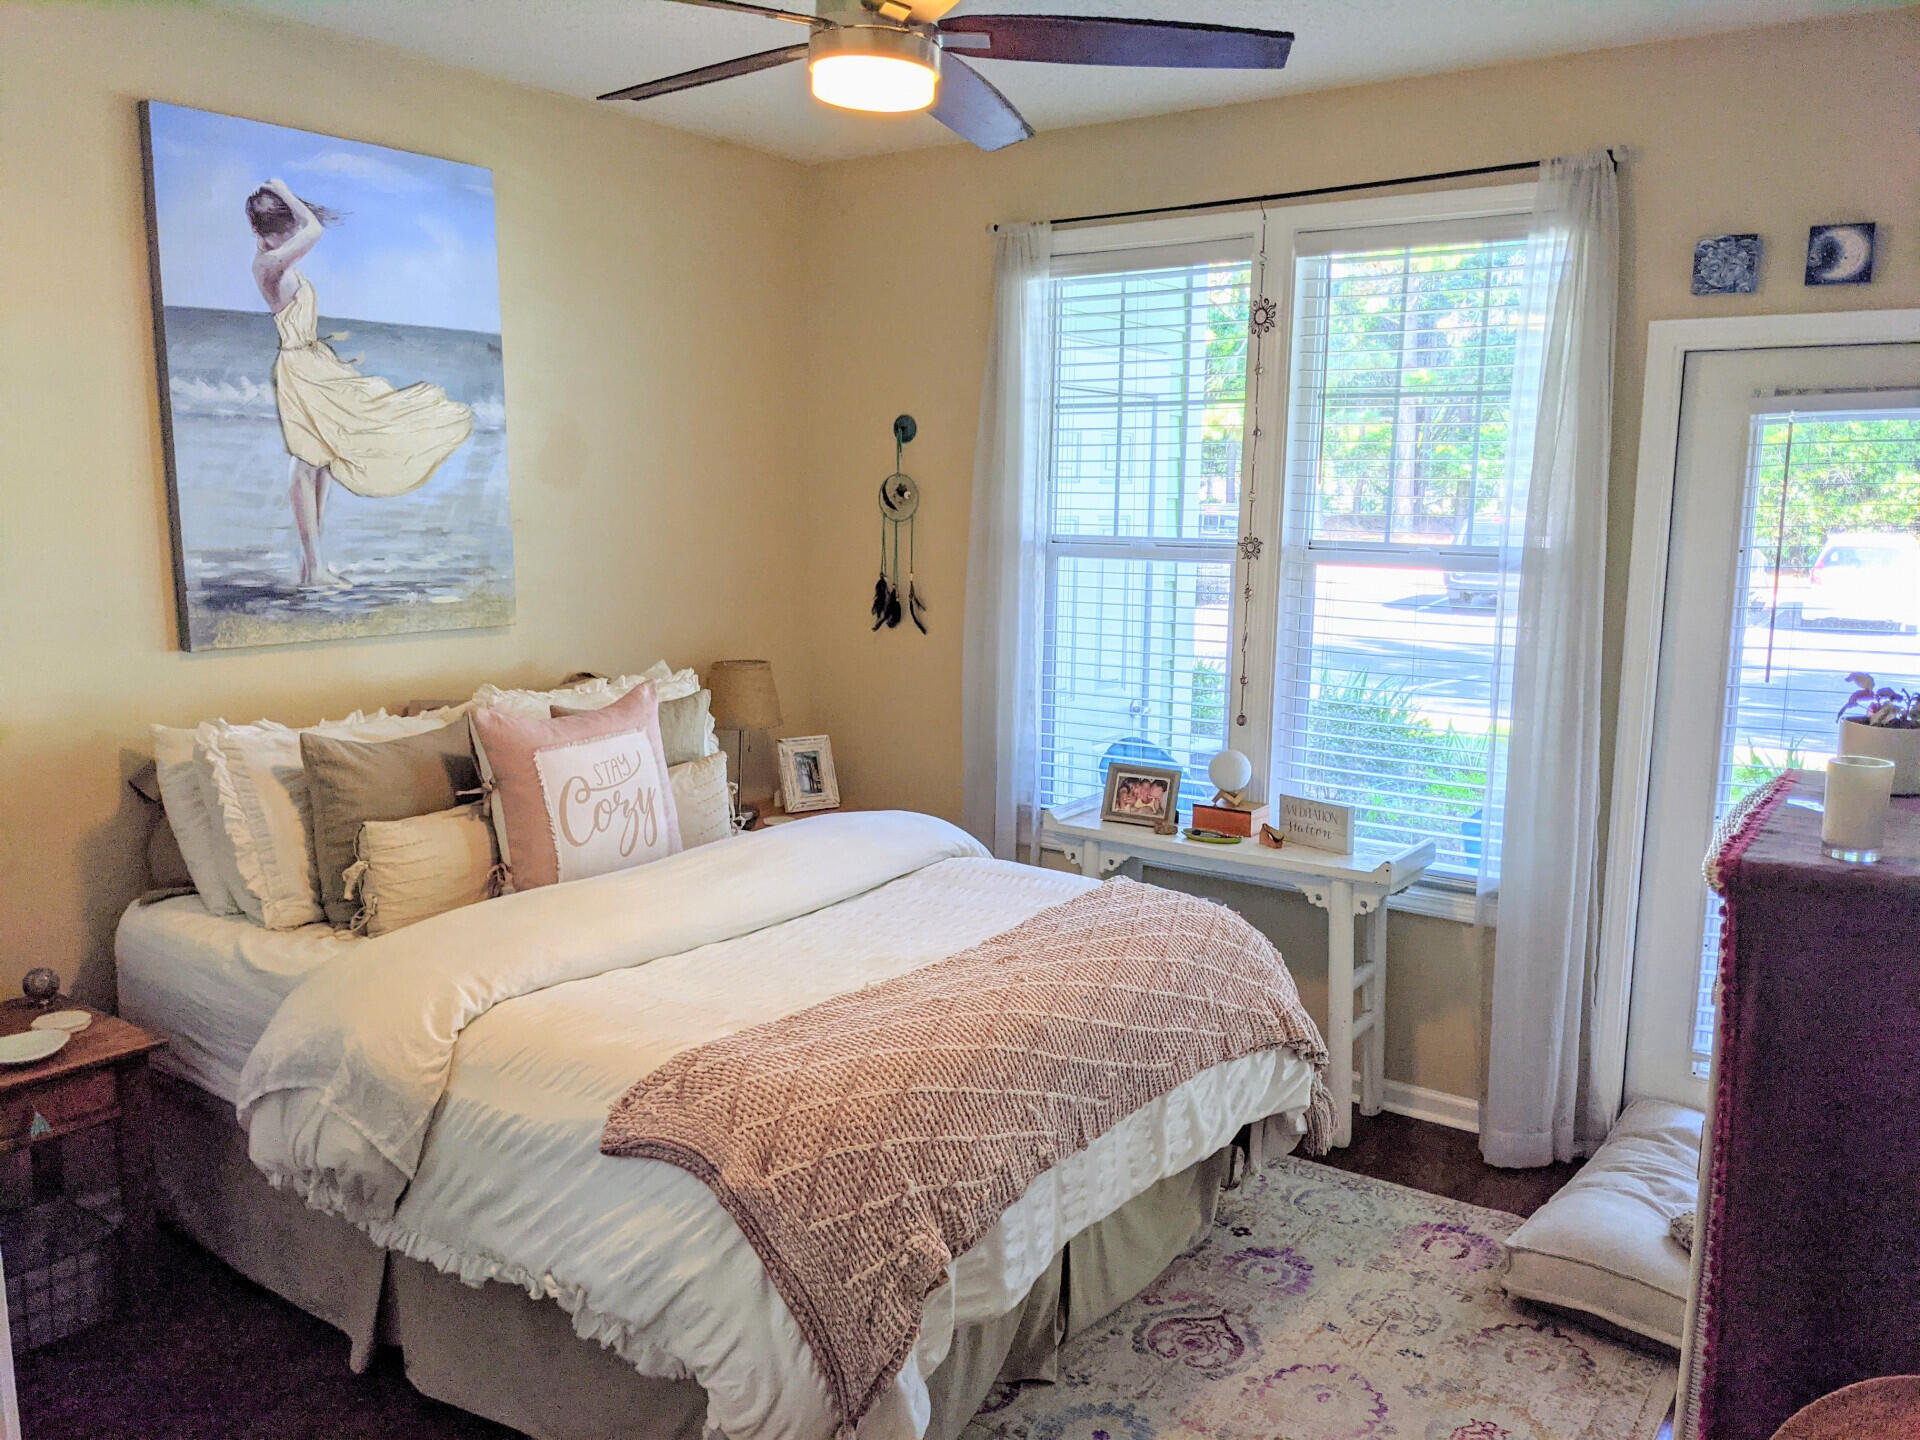 Southampton Pointe Homes For Sale - 2500 Beaucastle, Mount Pleasant, SC - 12